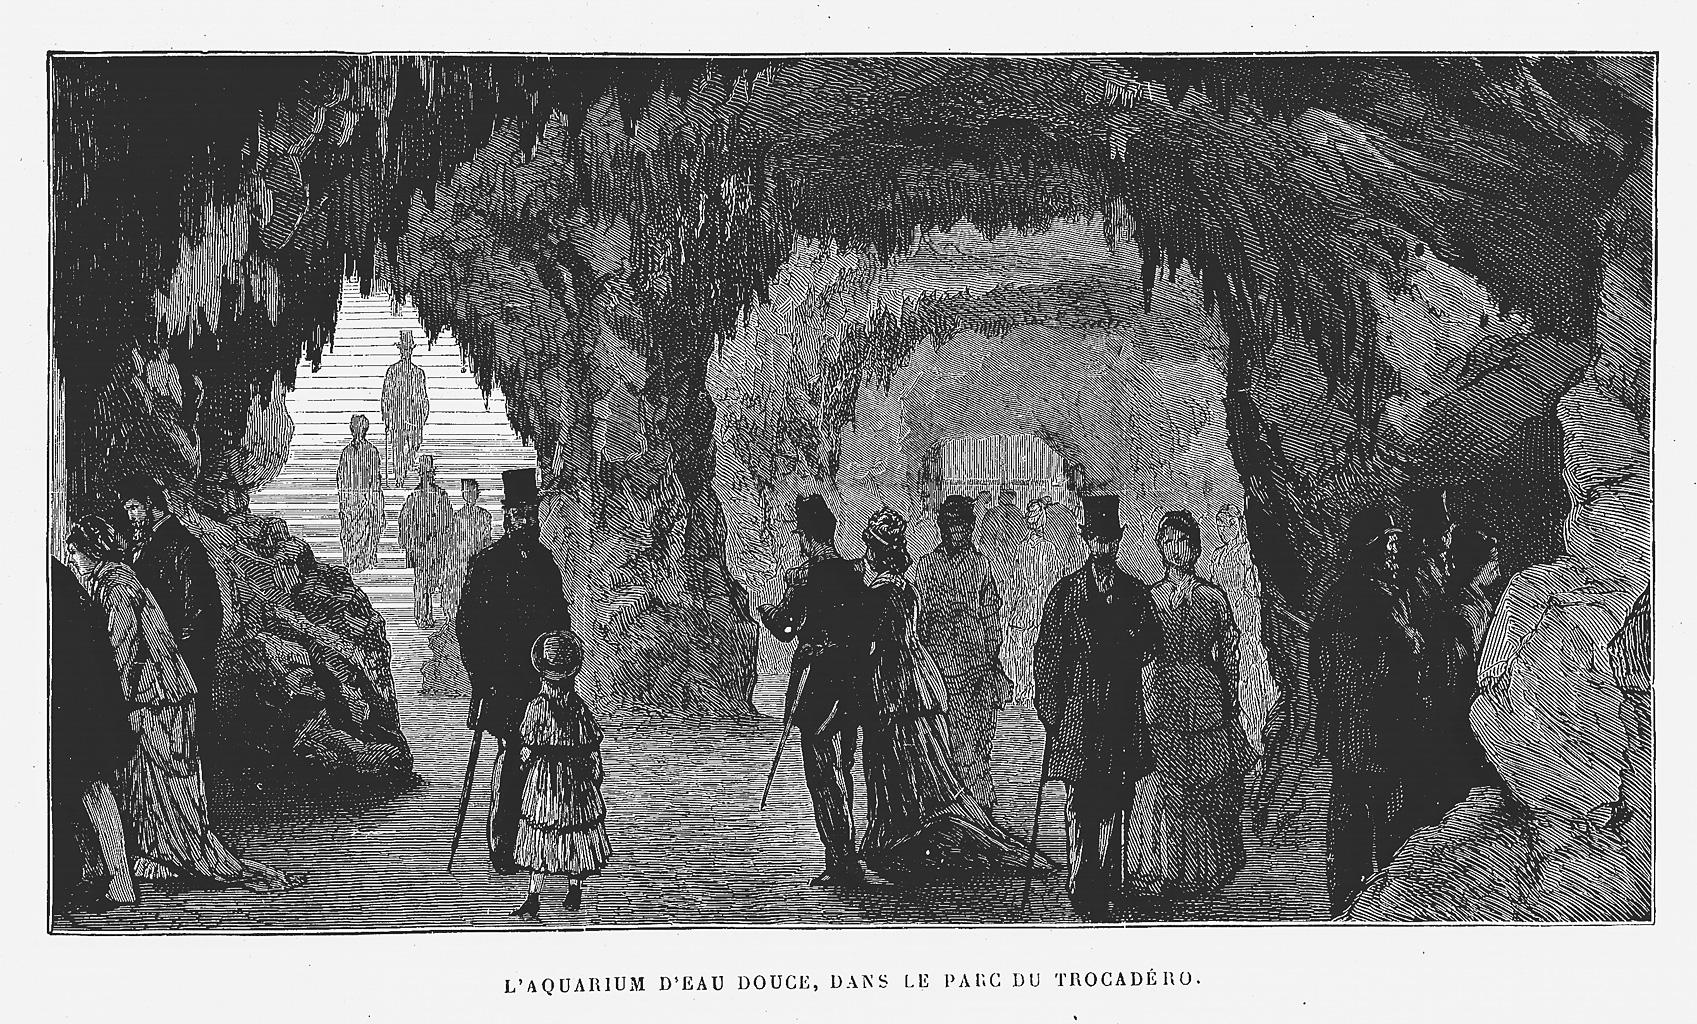 Trocadero aquarium paris international exposition of 1878 for Aquarium de paris jardin du trocadero